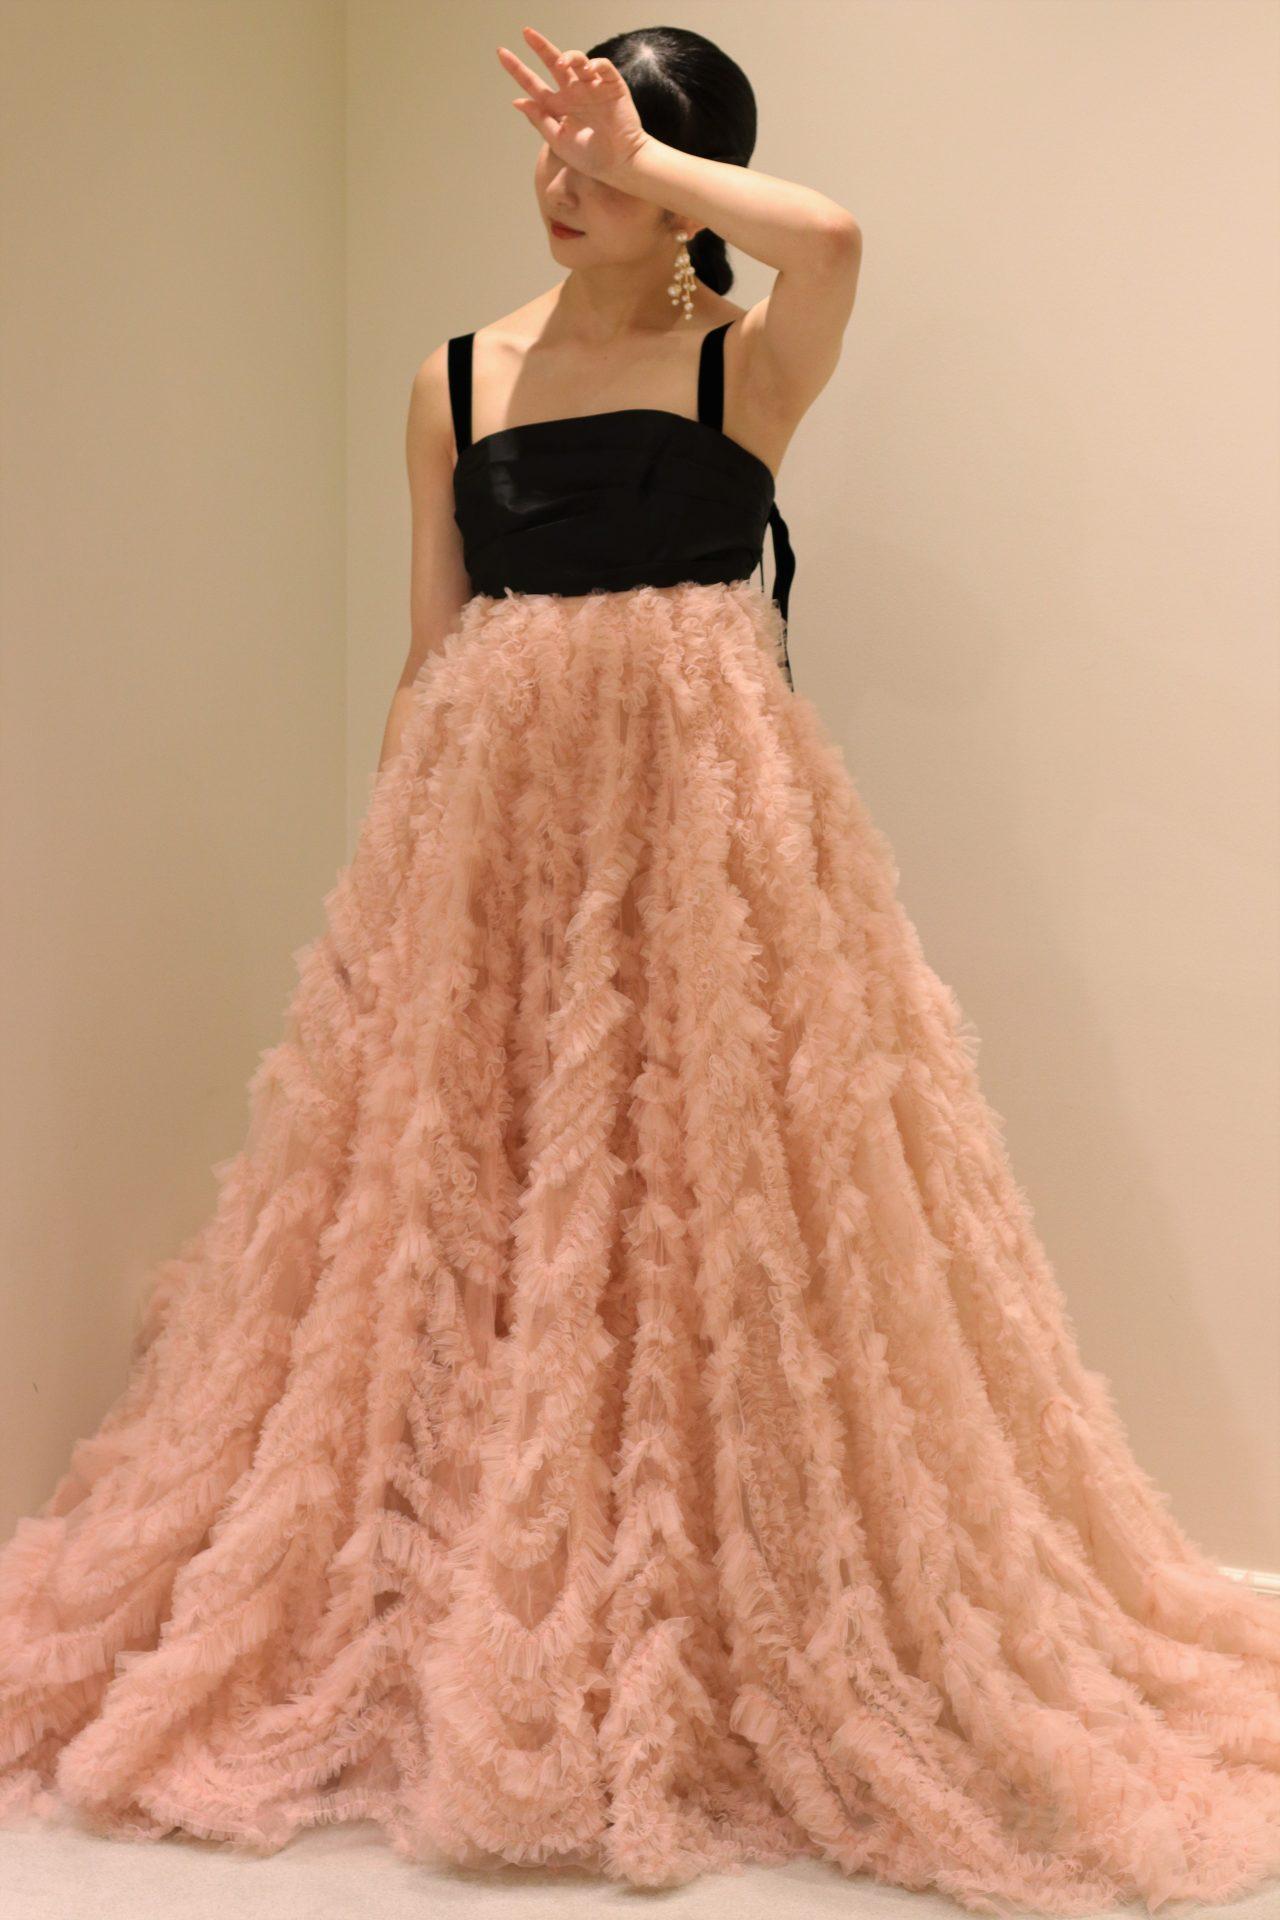 今期トレンドのフリルチュールを贅沢に使用した柔らかい印象のナチュラルなドレスは、赤坂プリンスクラシックハウスでガーデン式やアットホームな式をイメージされている花嫁様におすすめです